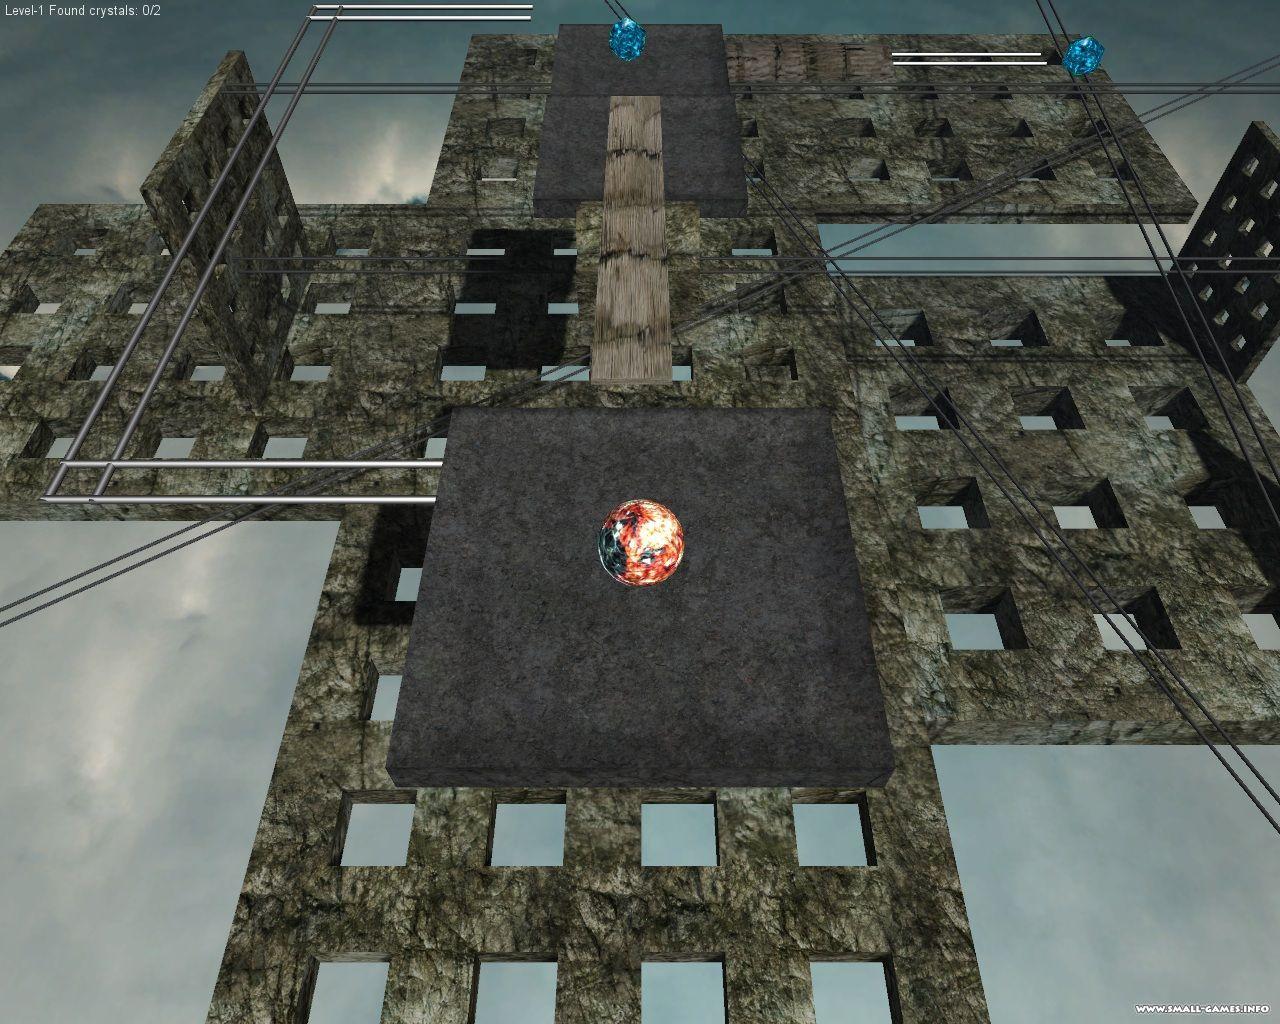 Собирать кристаллы компьютерная игра 9 фотография